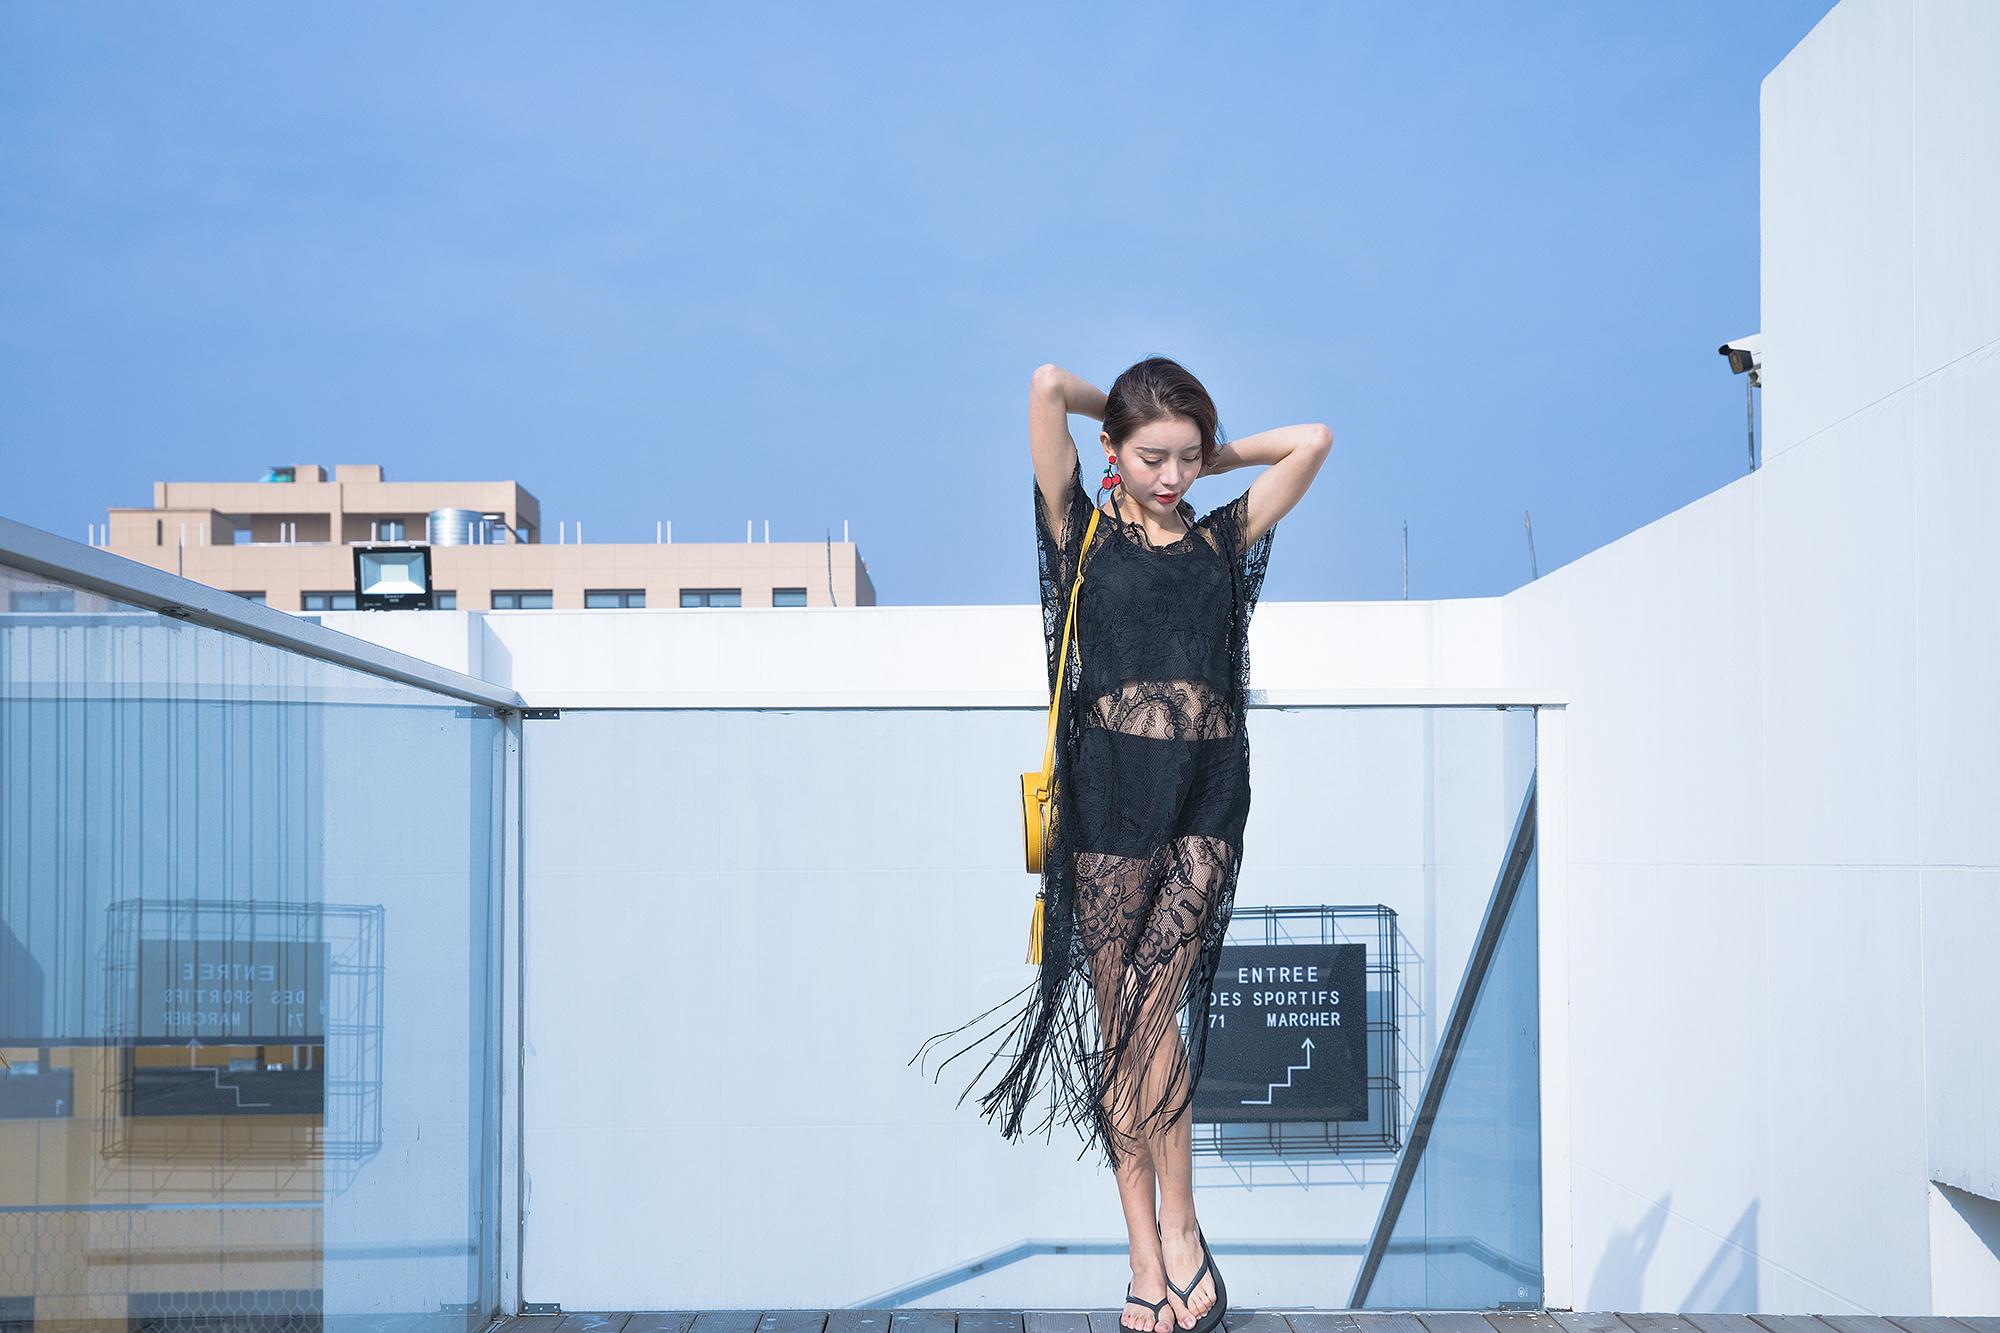 冬穿泳装夏穿皮草 24岁反季节模特为父母在上海买房